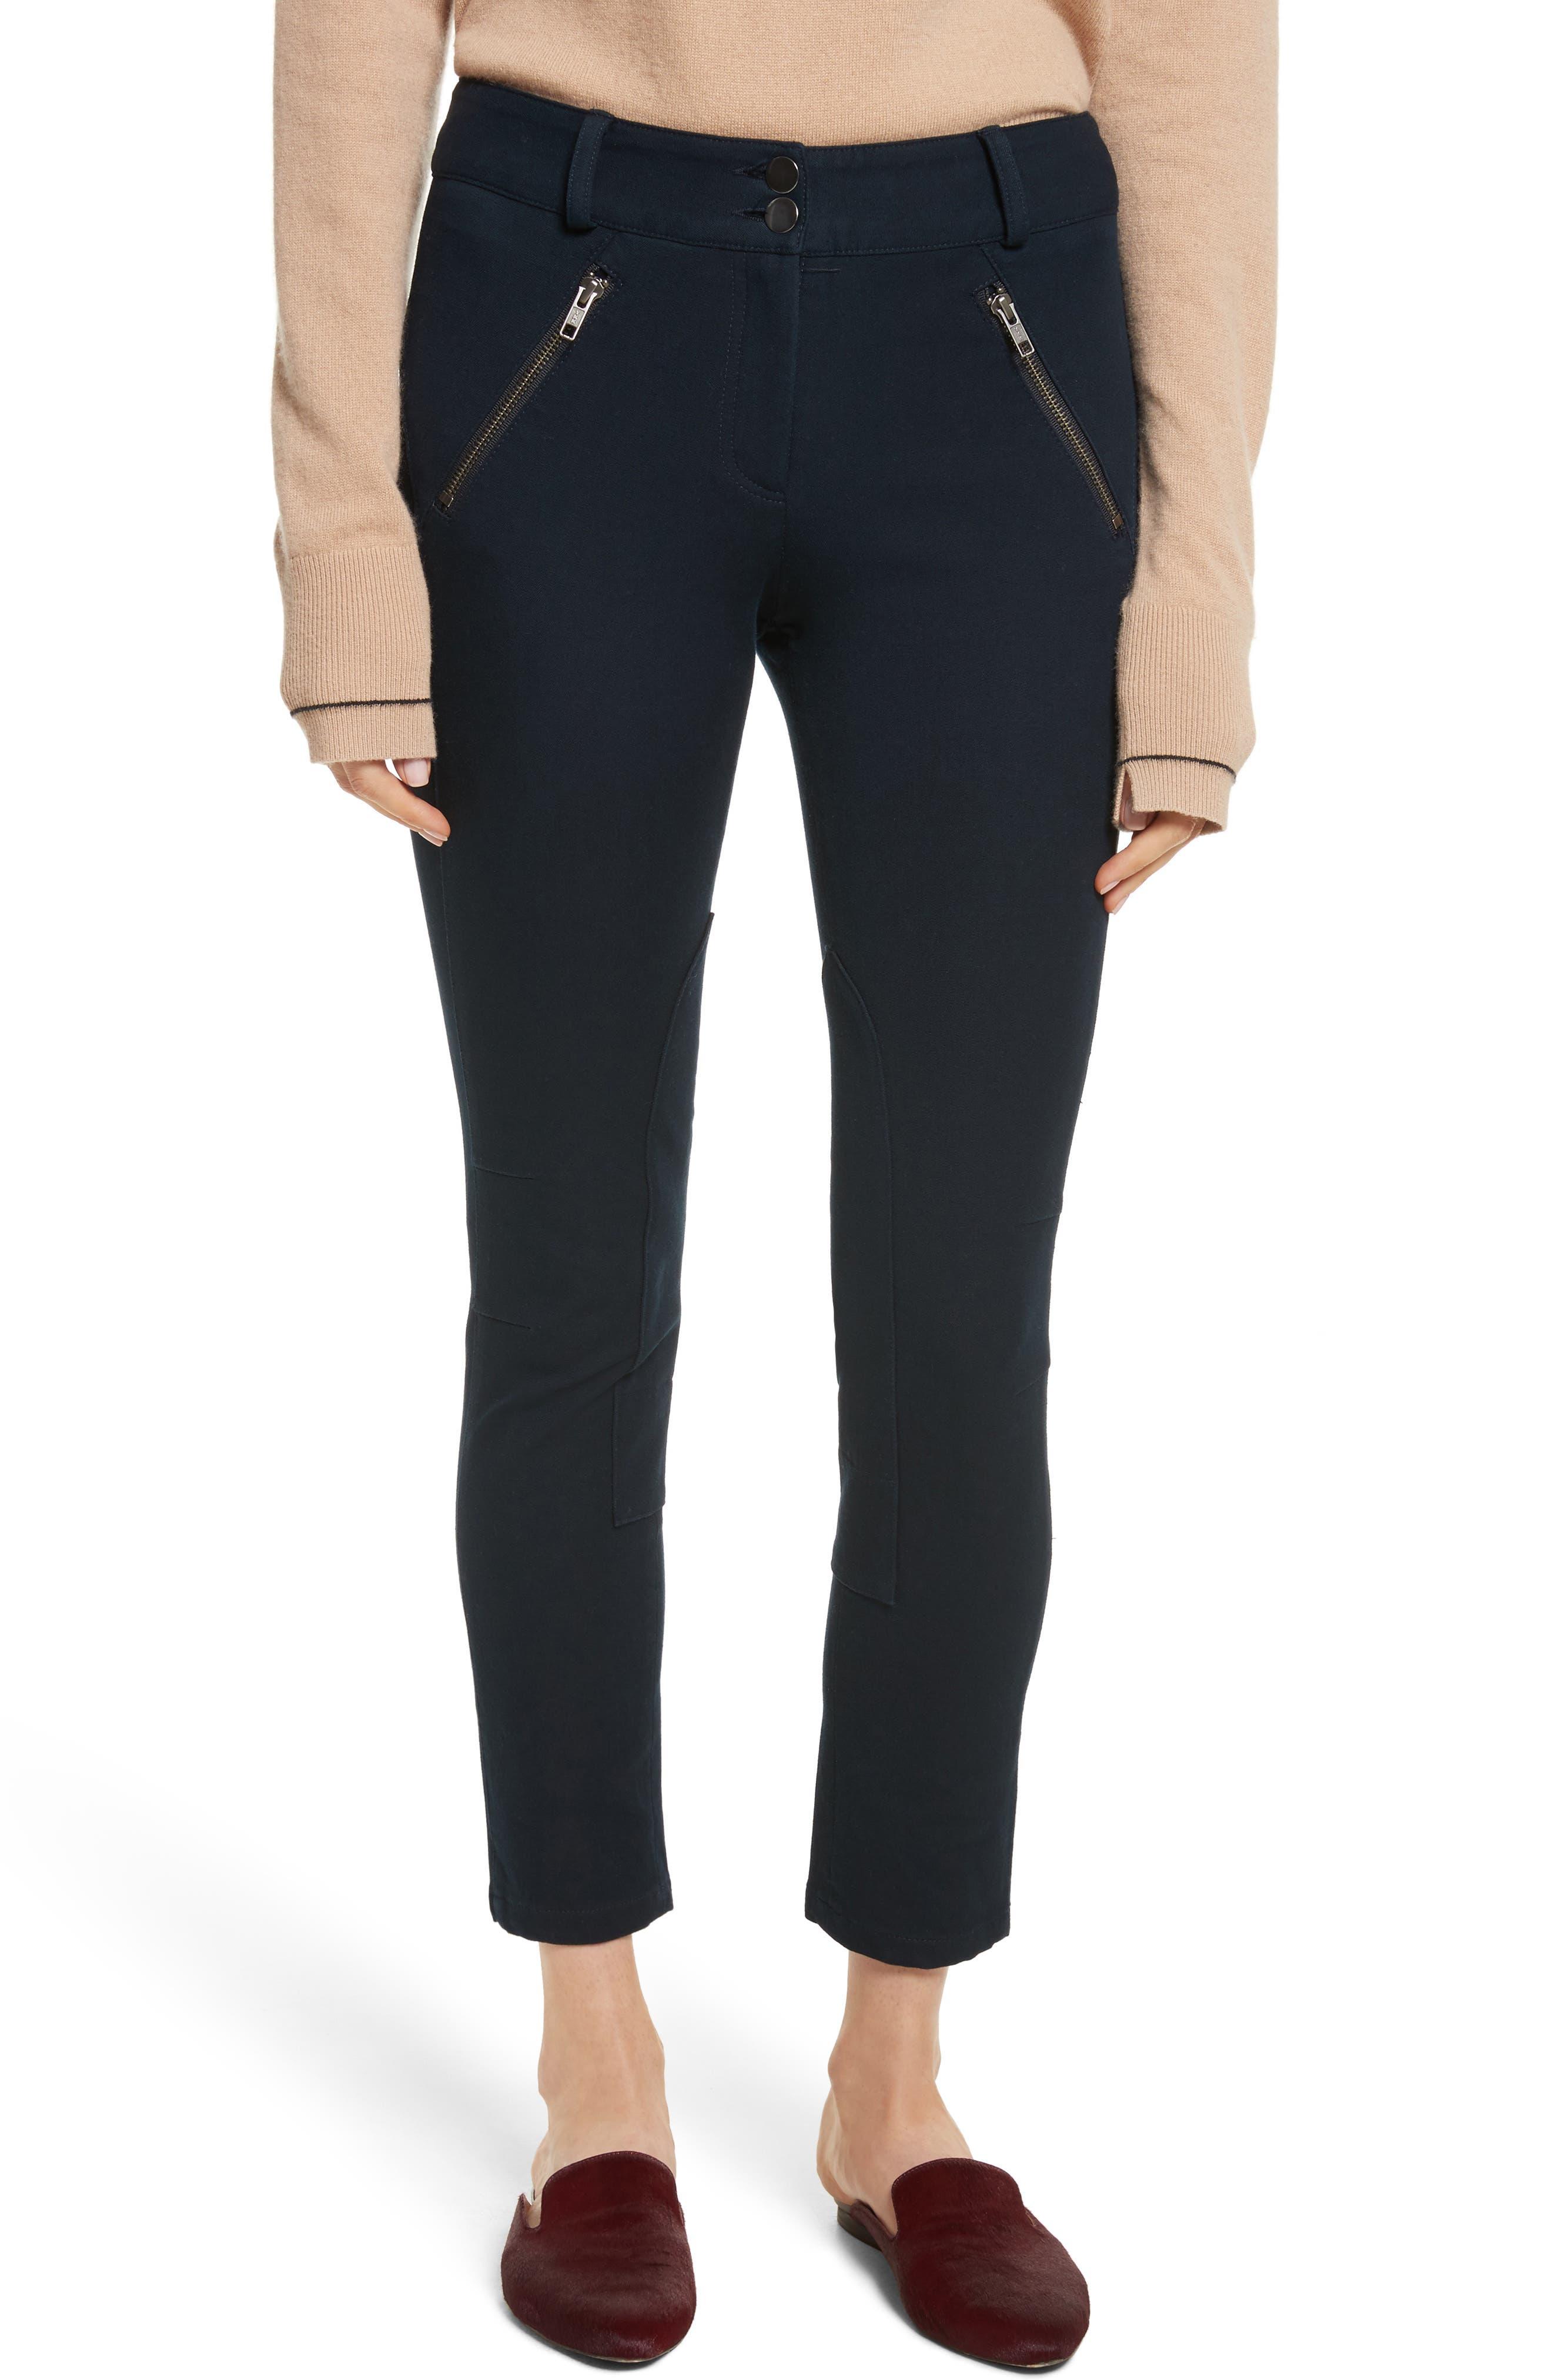 Ellie Jodhpur Pants,                         Main,                         color, Navy